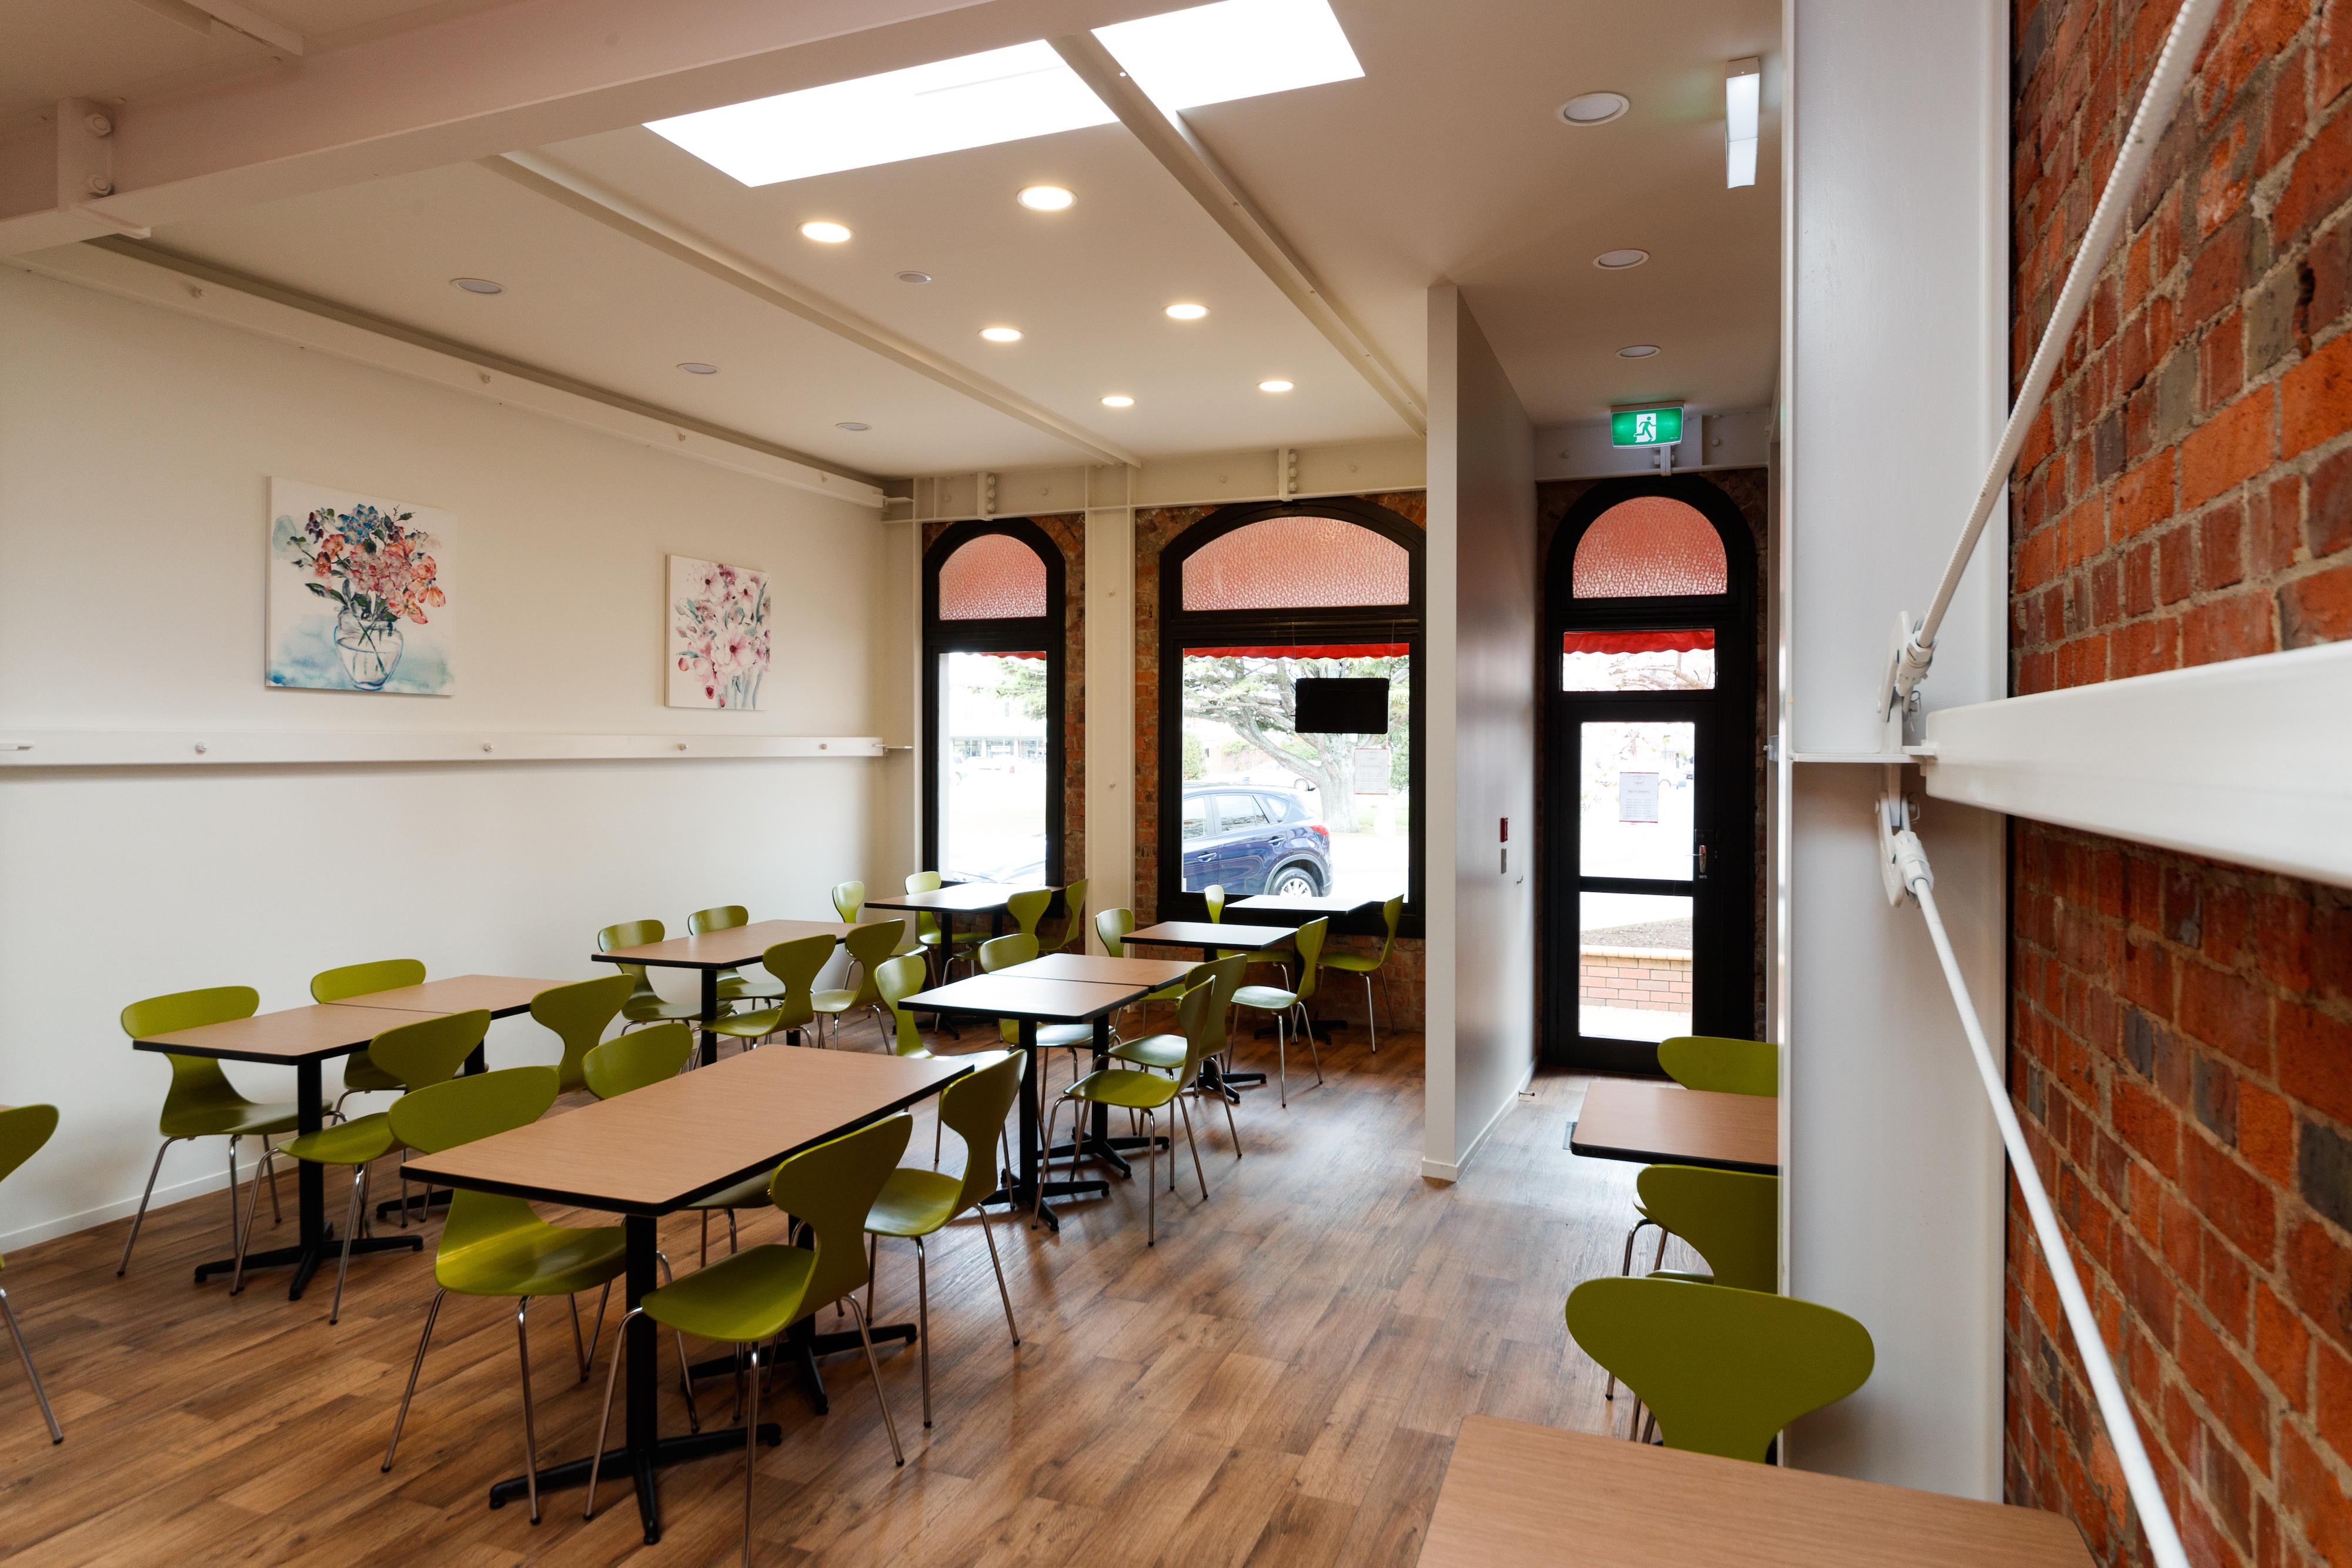 Thai House Restaurant Menu Palmerston North